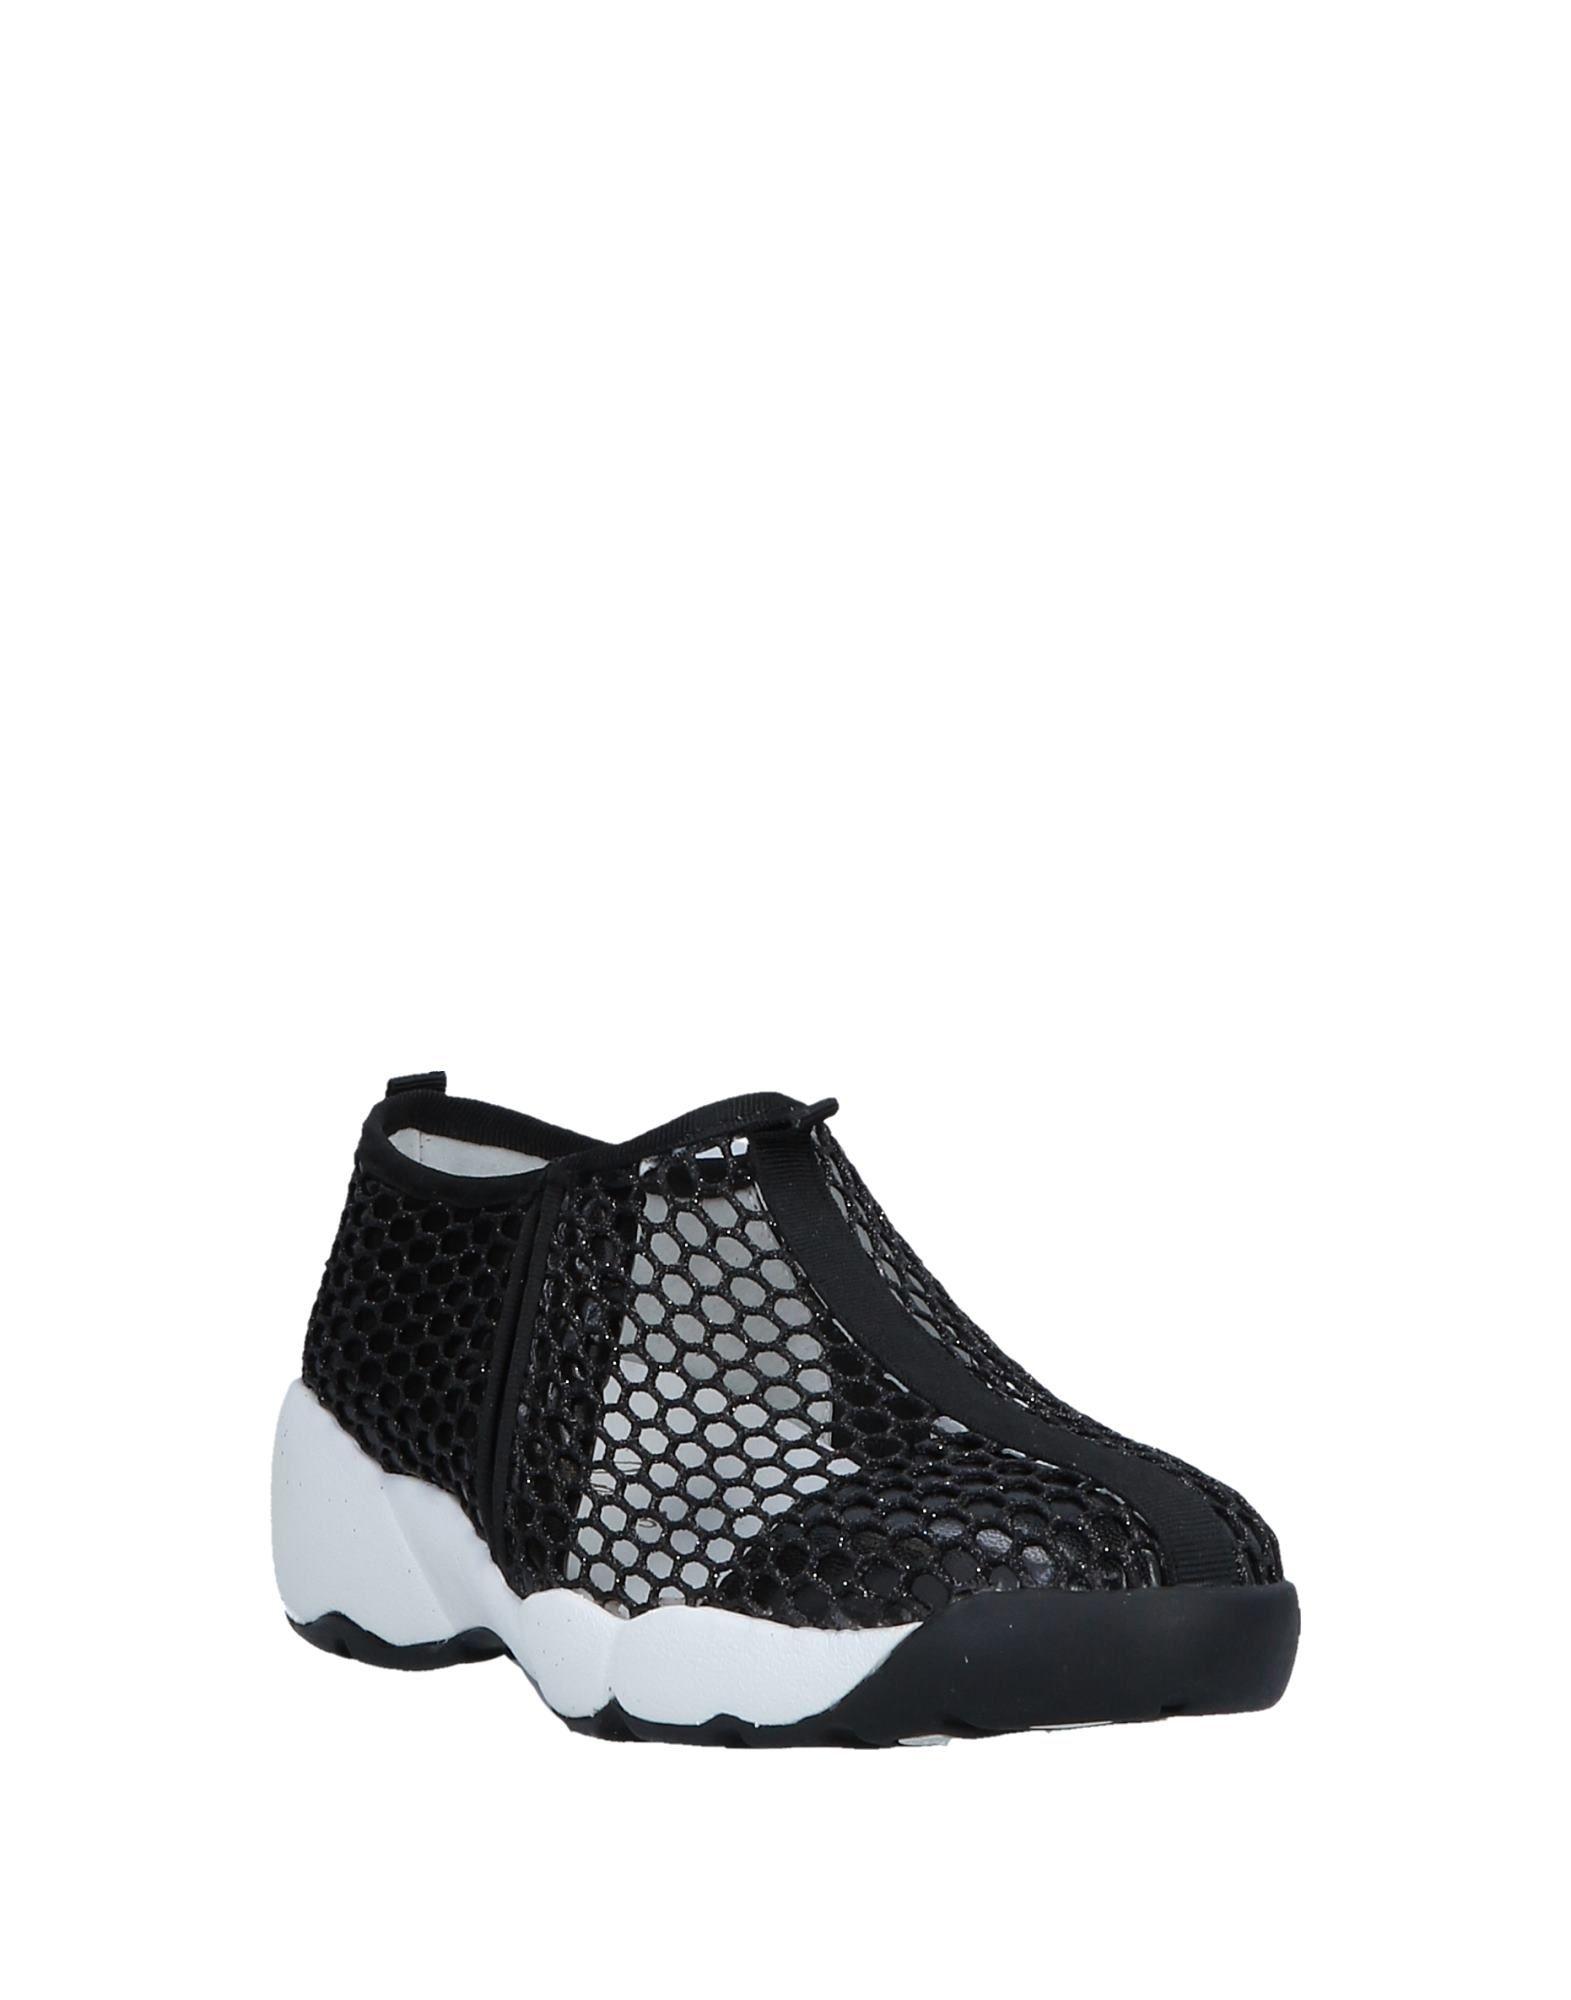 So•Queen Sneakers Damen  11499702MG Gute Schuhe Qualität beliebte Schuhe Gute 4e7015